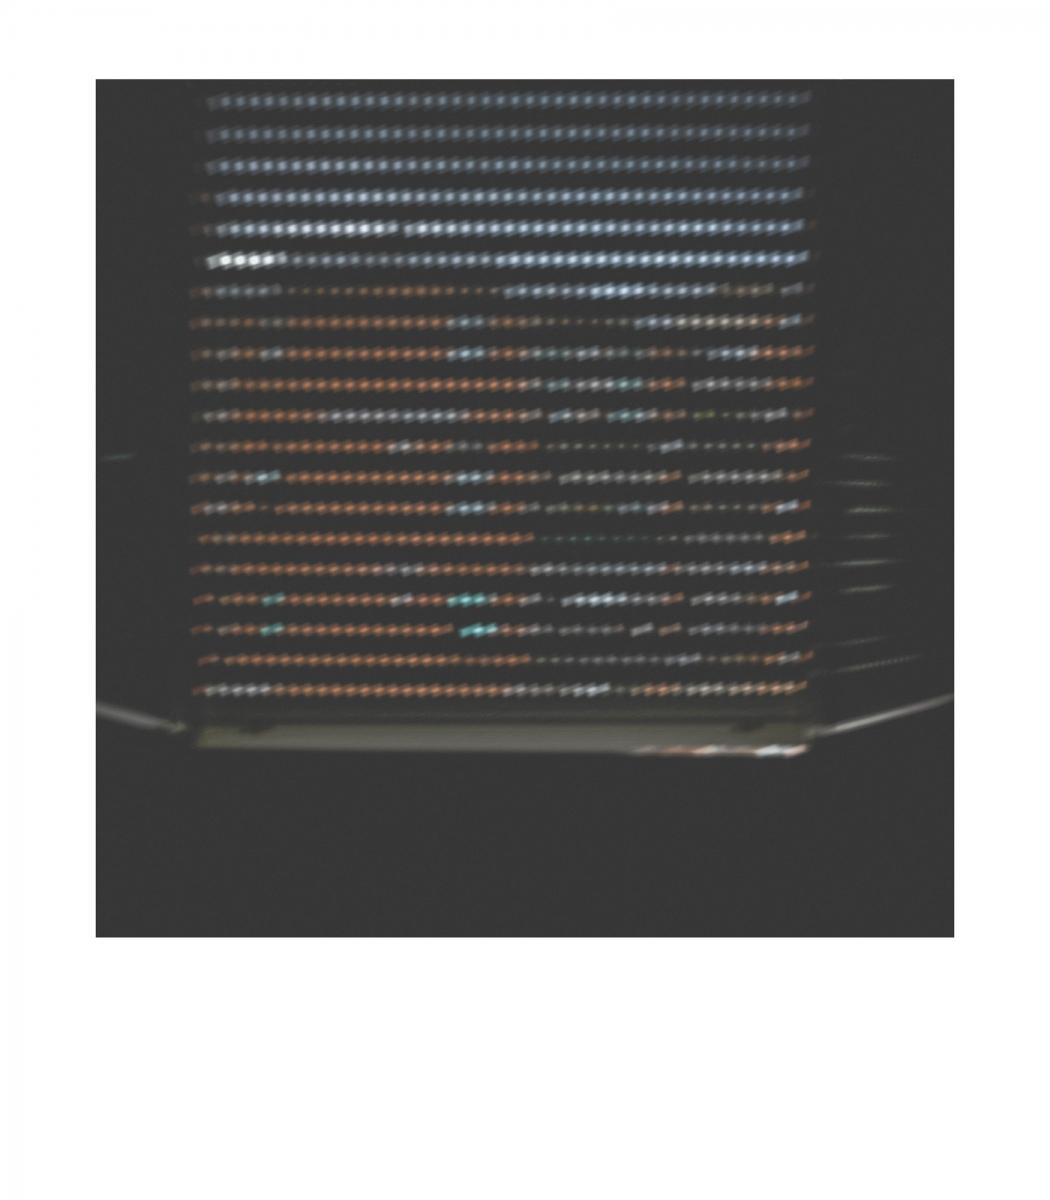 4-DSCF3831-P29-Modifica-2